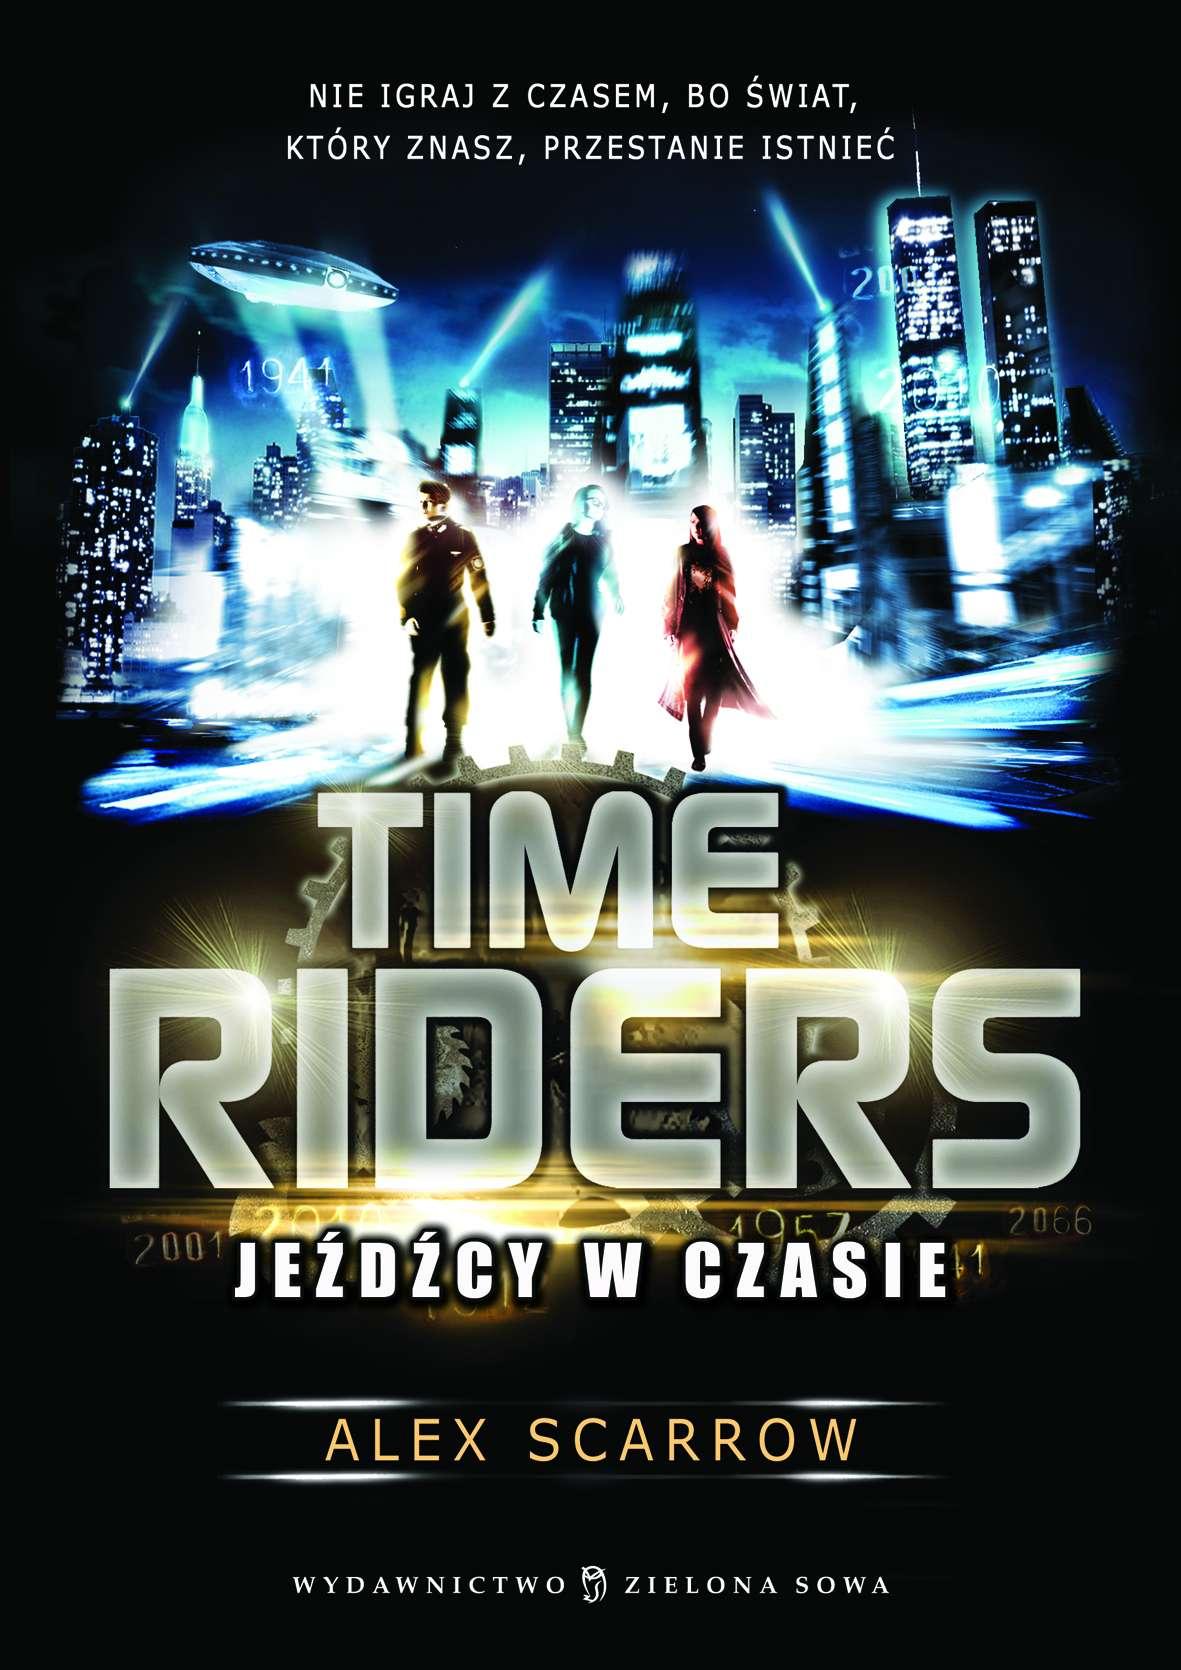 Time Riders. Jeźdźcy w czasie - Ebook (Książka EPUB) do pobrania w formacie EPUB